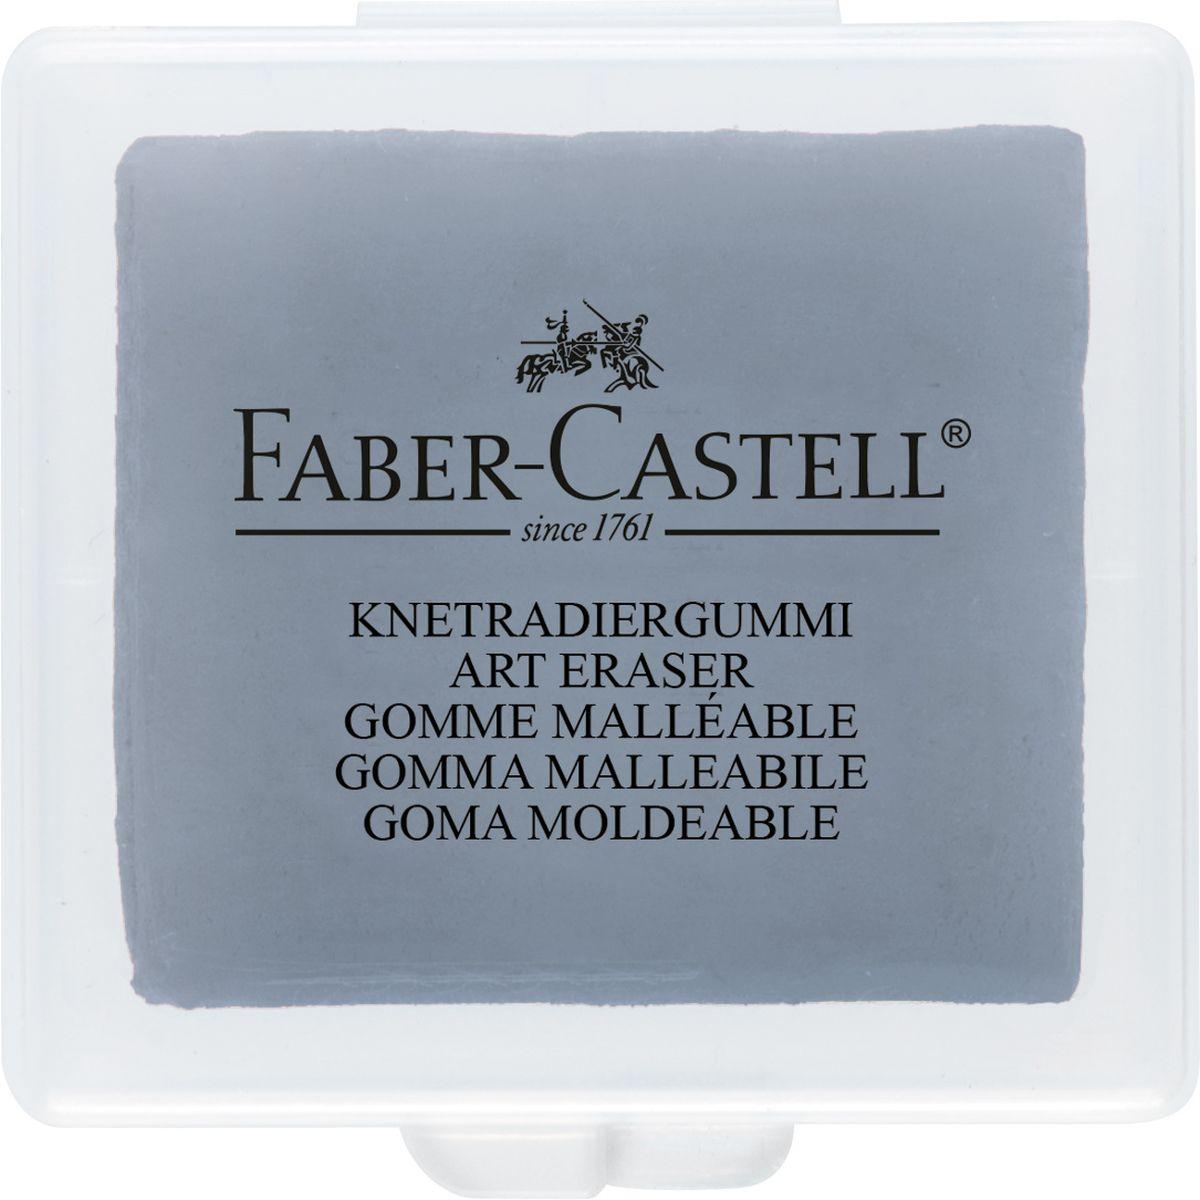 Ластик Faber-Castell пригодится любому художнику. Аккуратный ластик не оставляет грязных разводов. Ластик Faber-Castell служит для коррекции и осветления рисунков, созданных мягкими карандашами, углем или пастелью. Ластик дополнительно служит для очистки фотопленок.